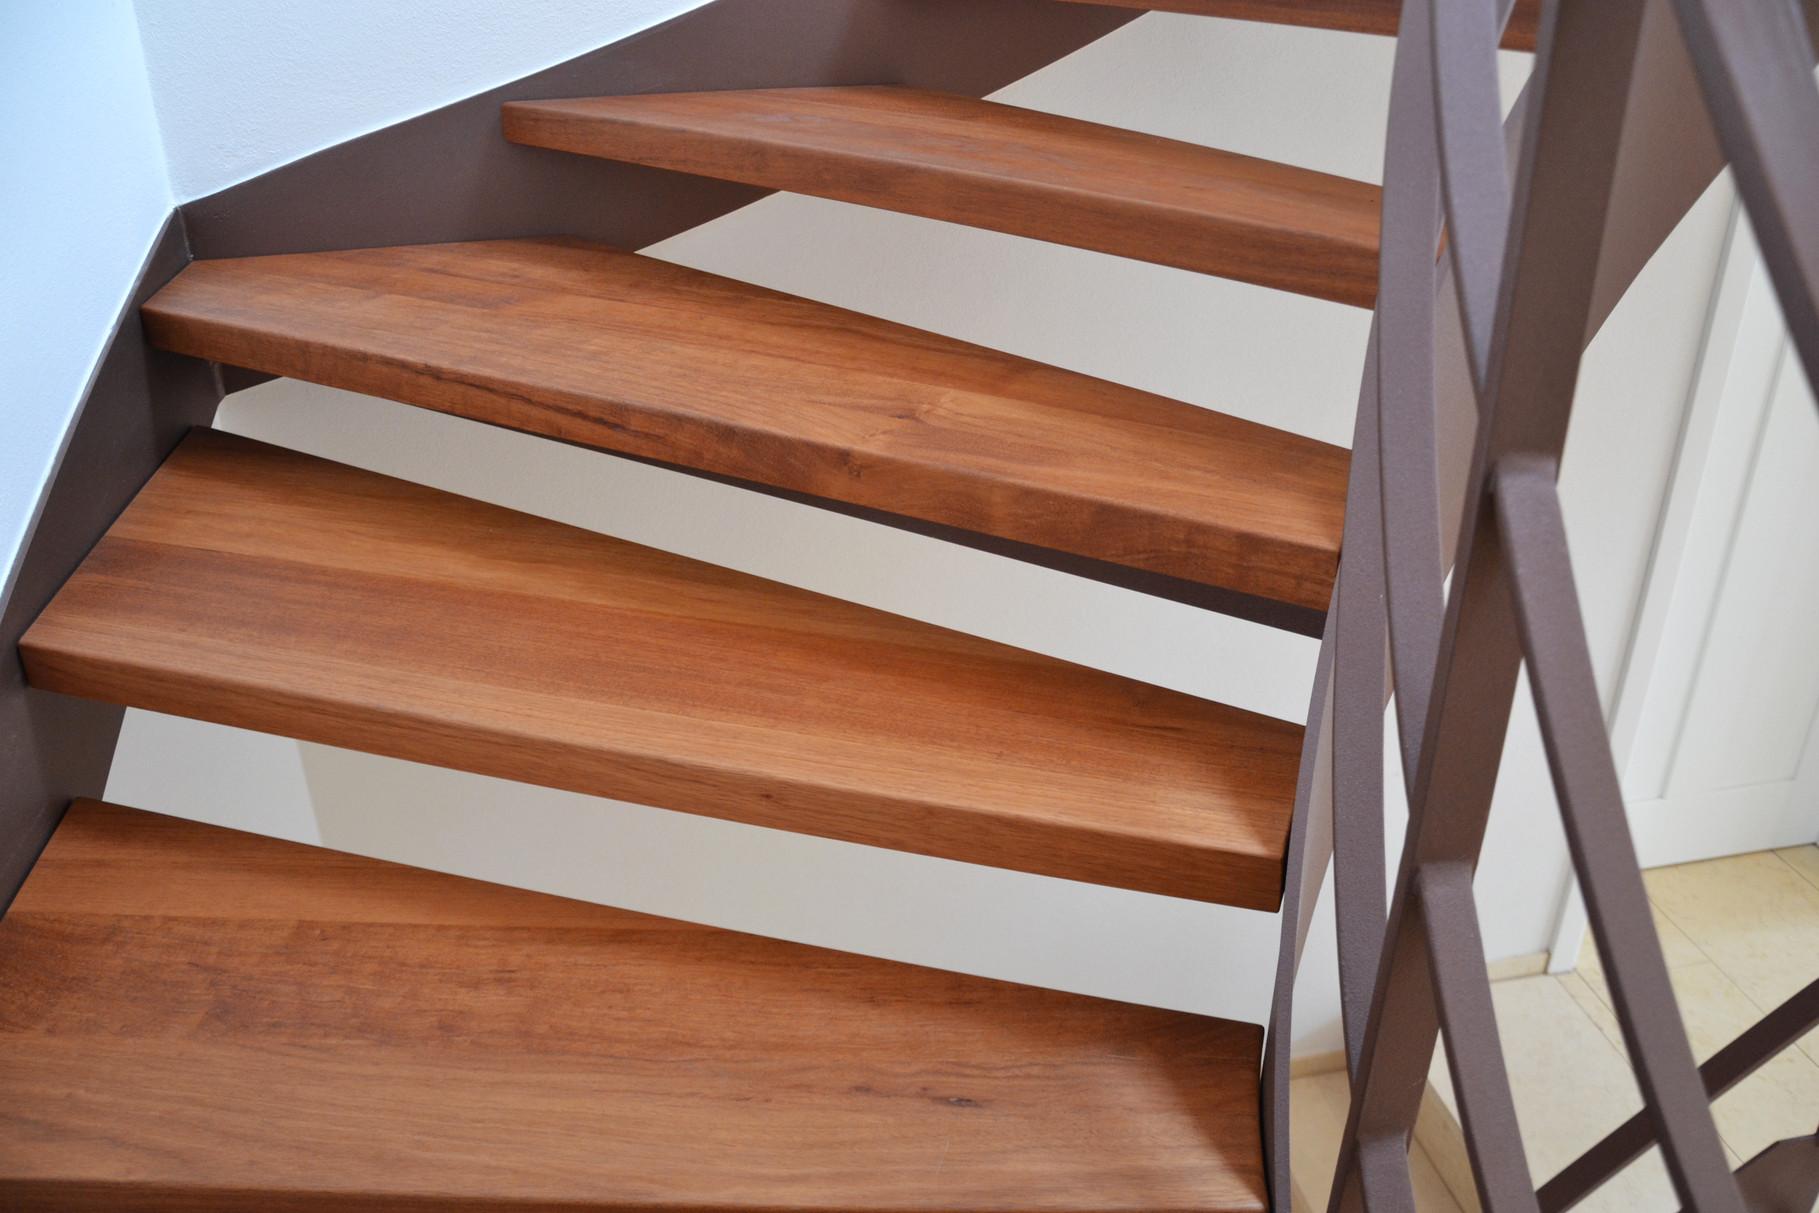 Holzstufen aus Doussie (Edelkirsch)